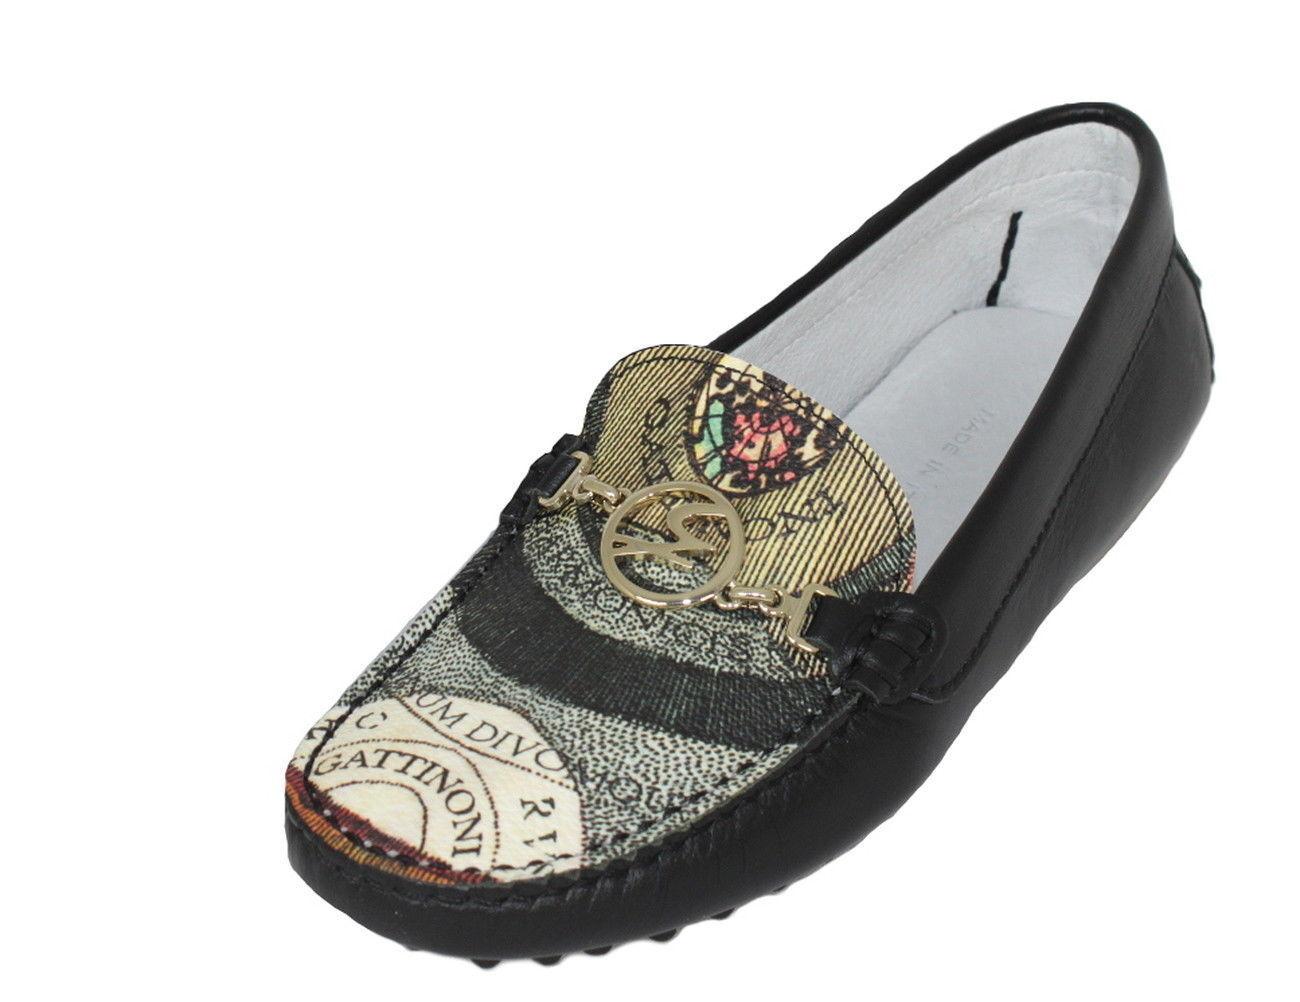 GATTINONI GATTINONI GATTINONI Femmes Chaussures chaussures Mocassins Cuir Taille 36-40 202 noir a7eb1d